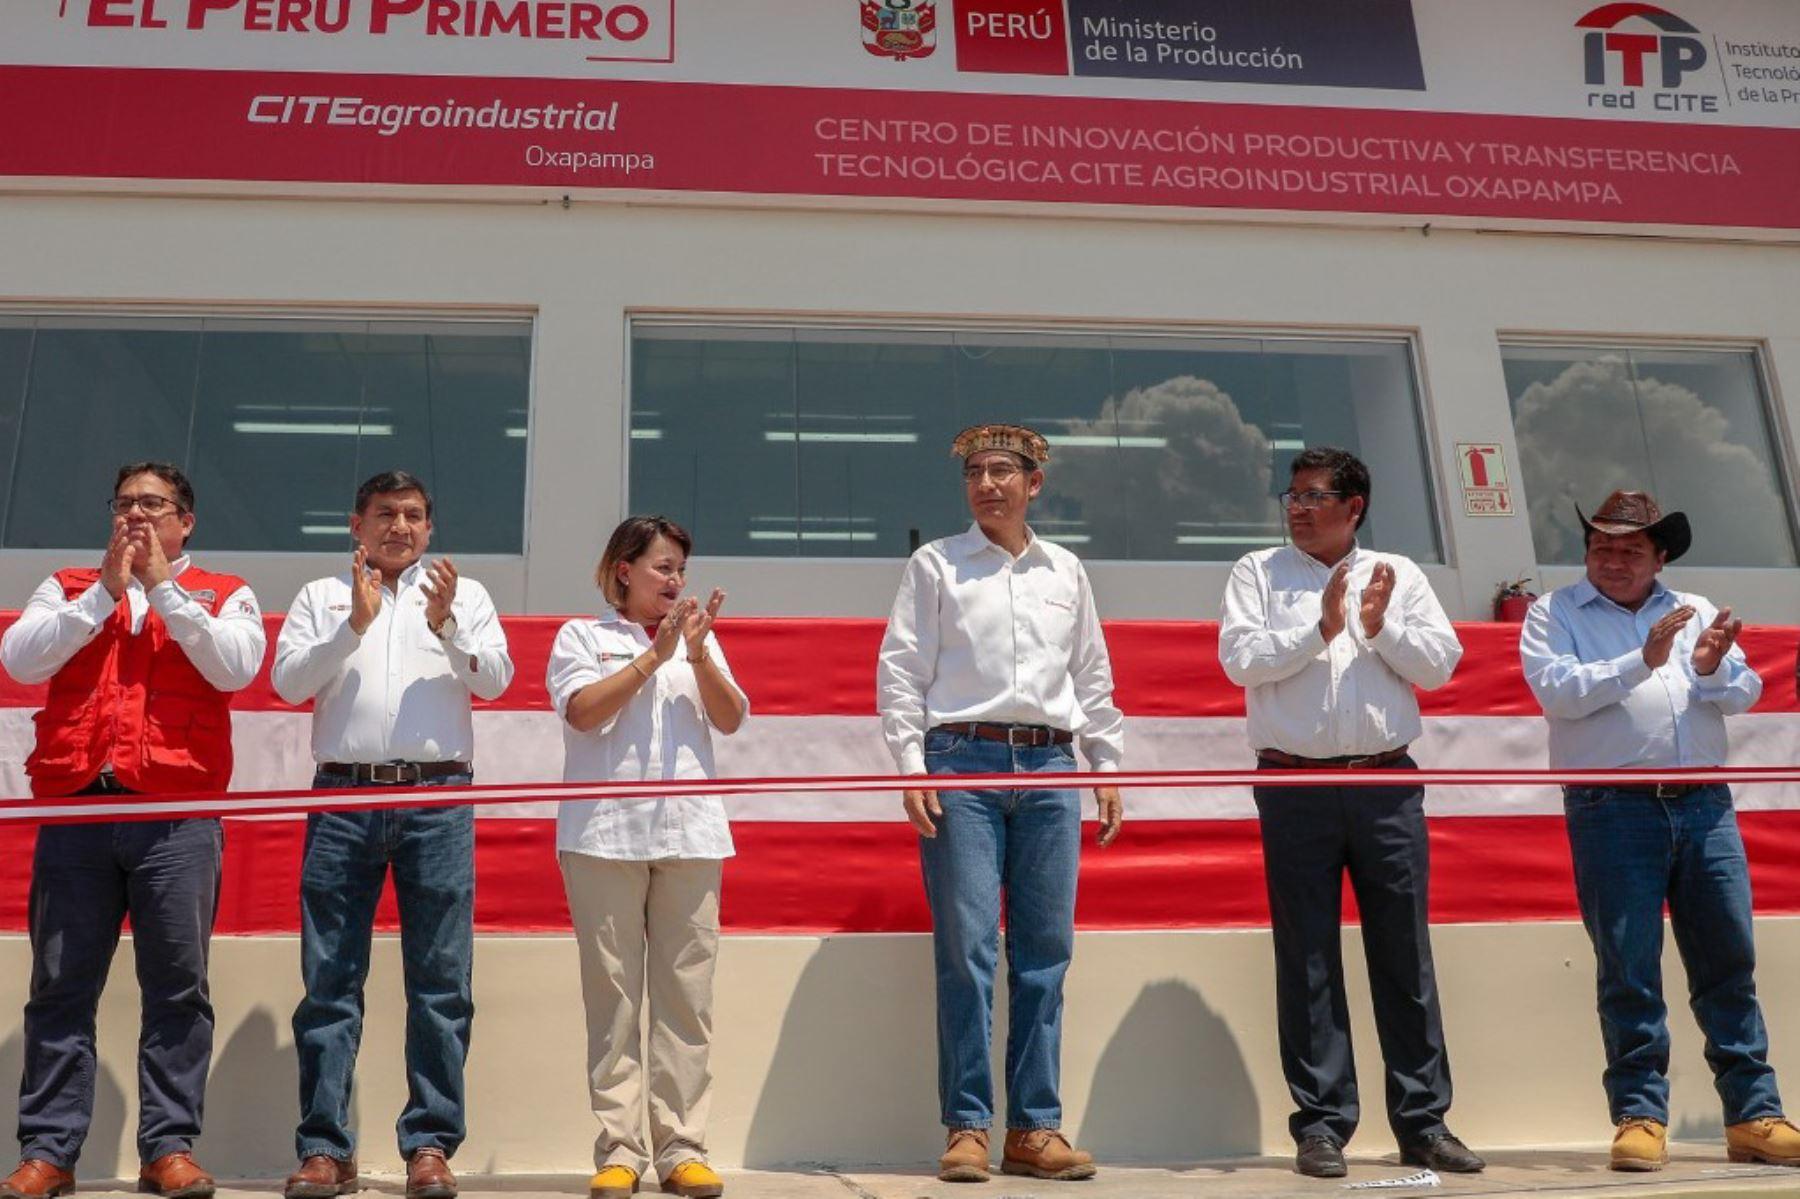 El presidente de la República, Martín Vizcarra; y la ministra de la Producción, Rocío Barrios, inauguran el Centro de Innovación Productiva y Transferencia Tecnológica Agroindustrial (CITE) Oxapampa, en la región Pasco.